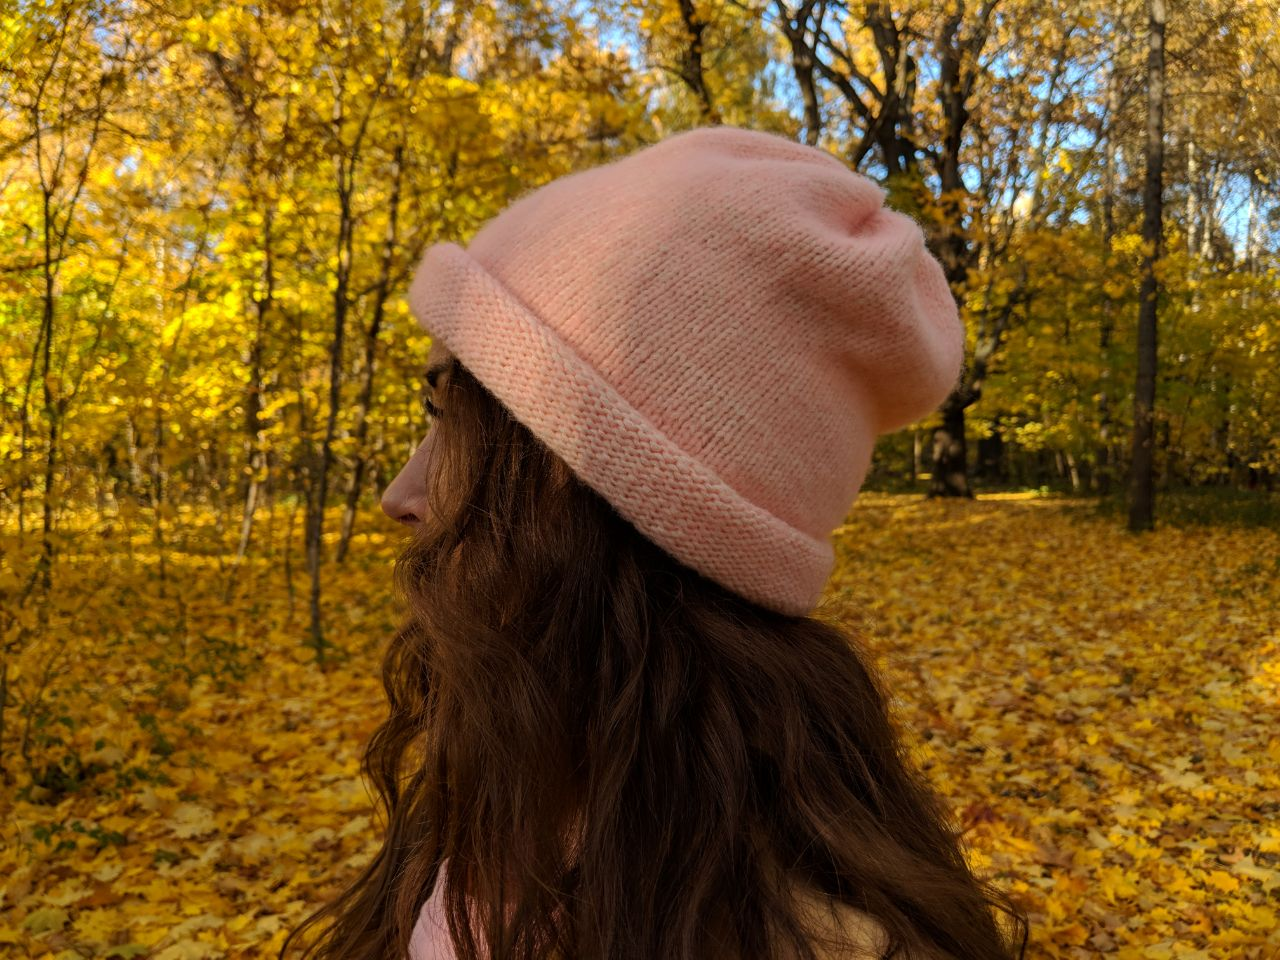 IMG_5016 Как связать шапку на весну и осень